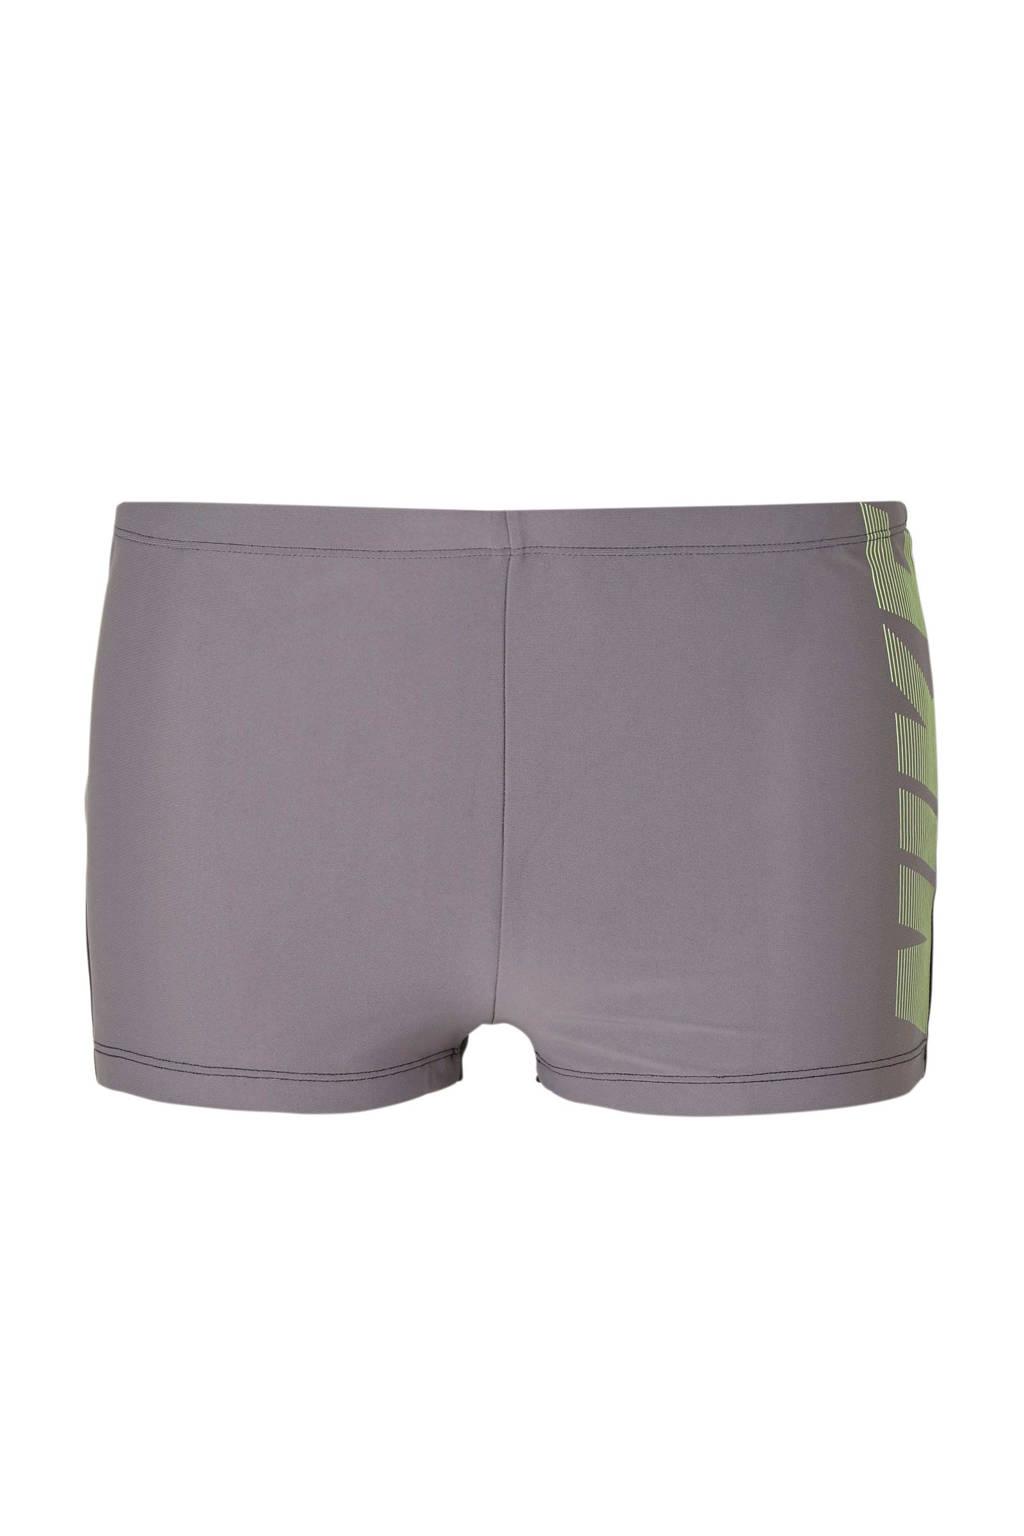 Nike zwemboxer grijs, Grijs/zwart